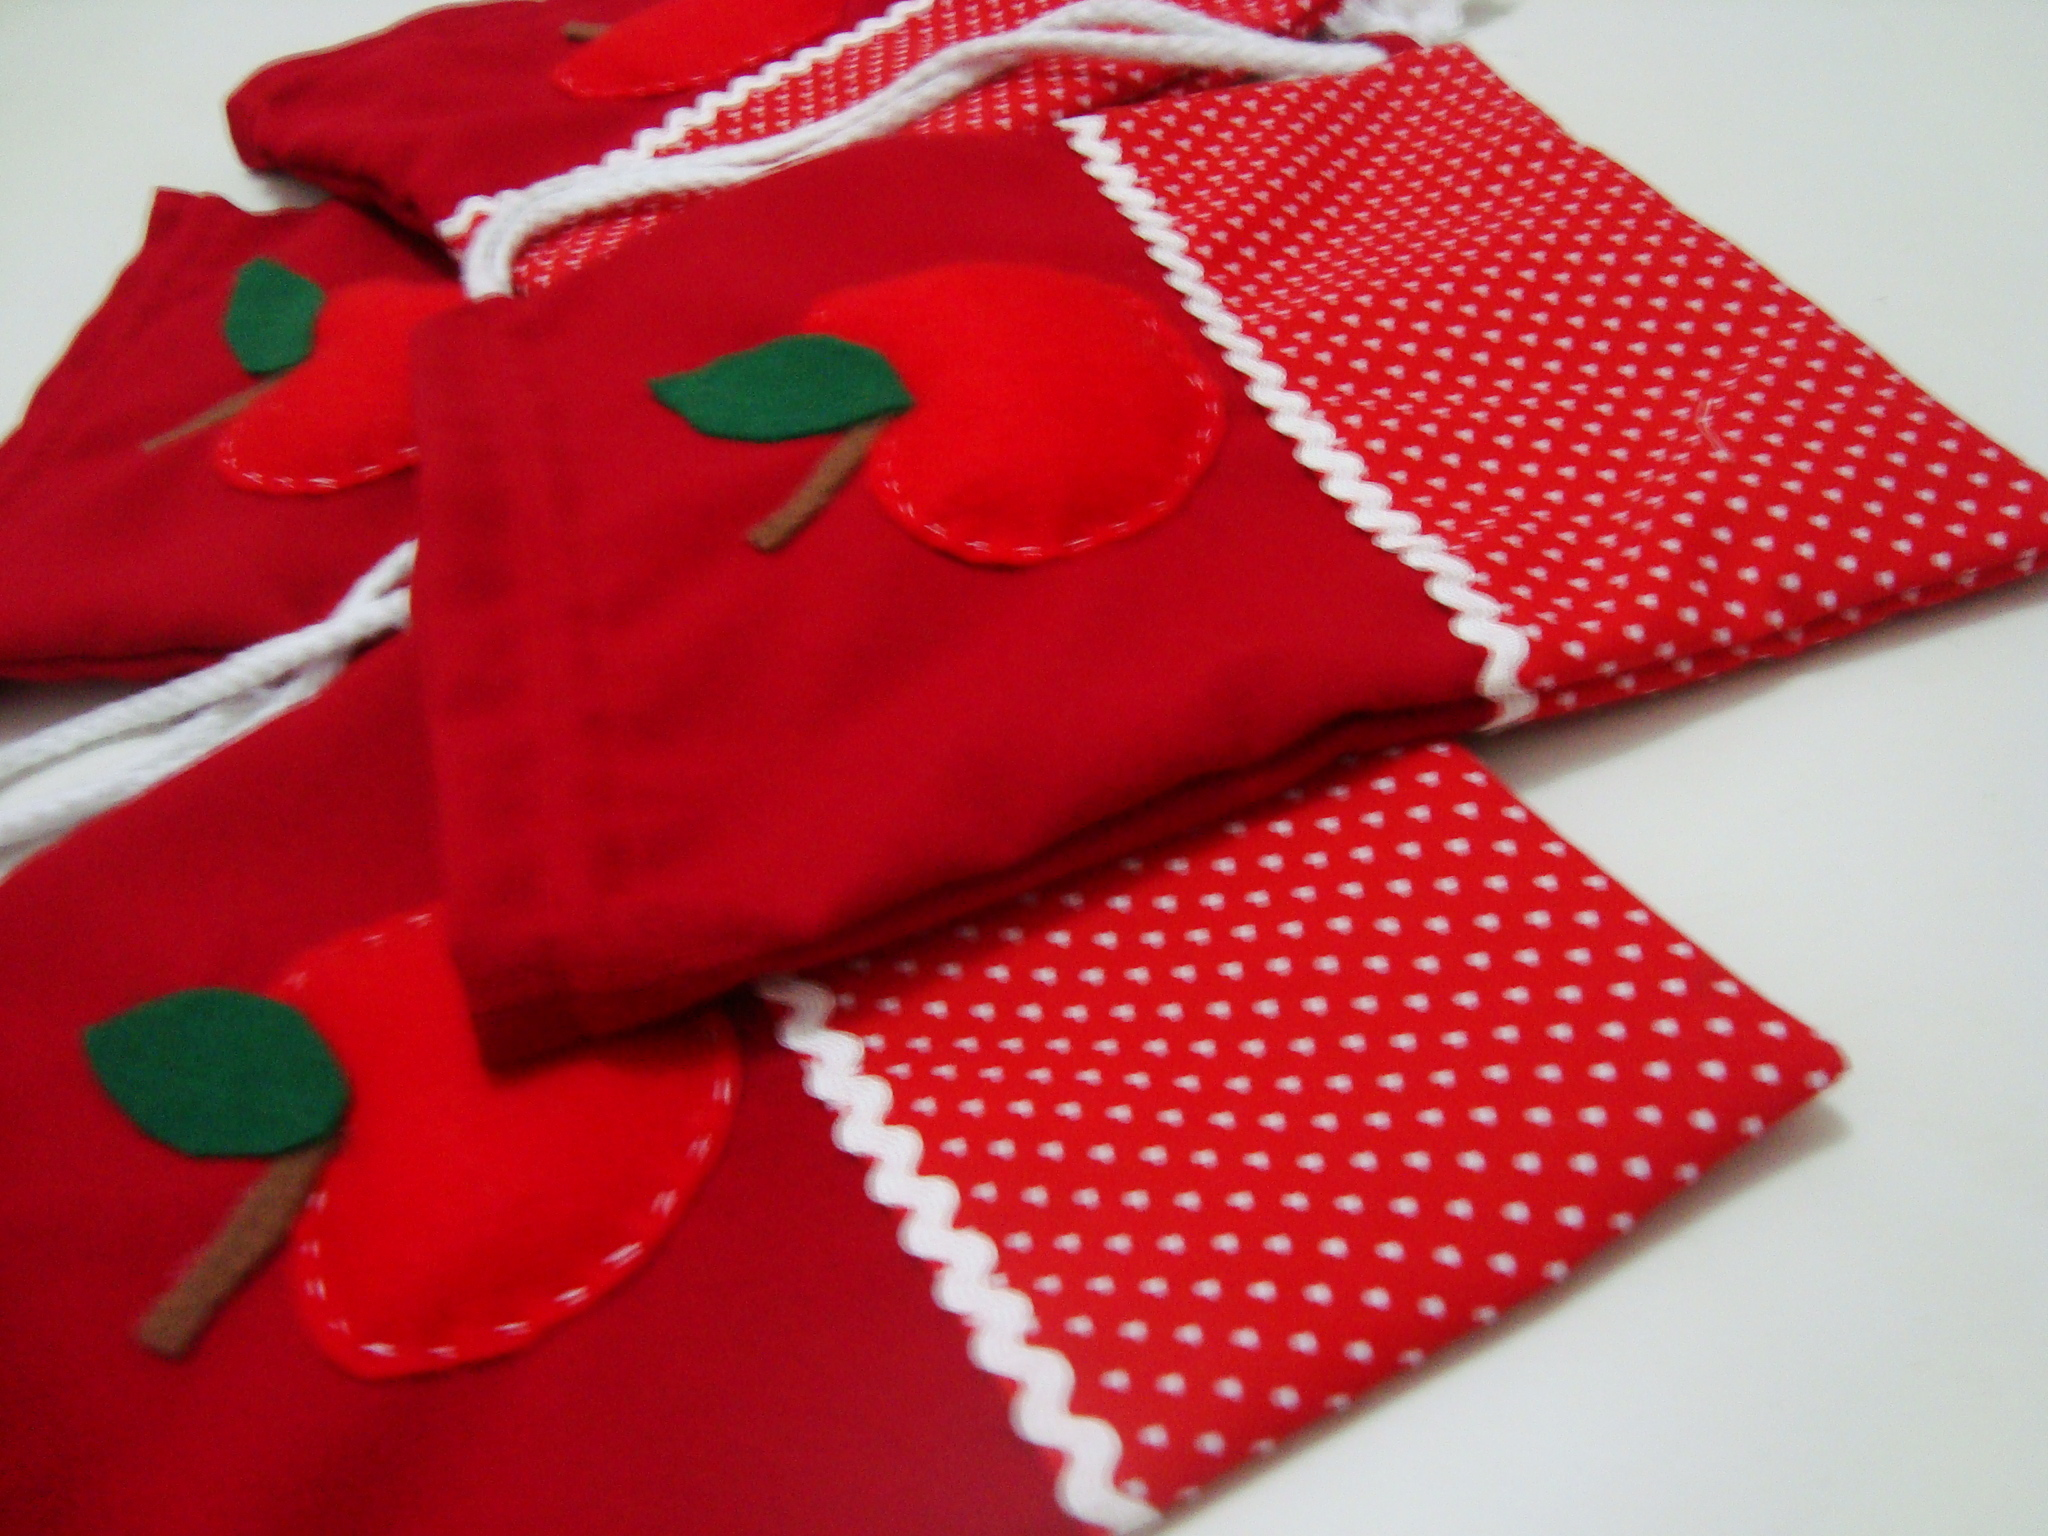 Bolsa De Festa De Feltro : Bolsa em tecido com aplica??o feltro papelarte festas